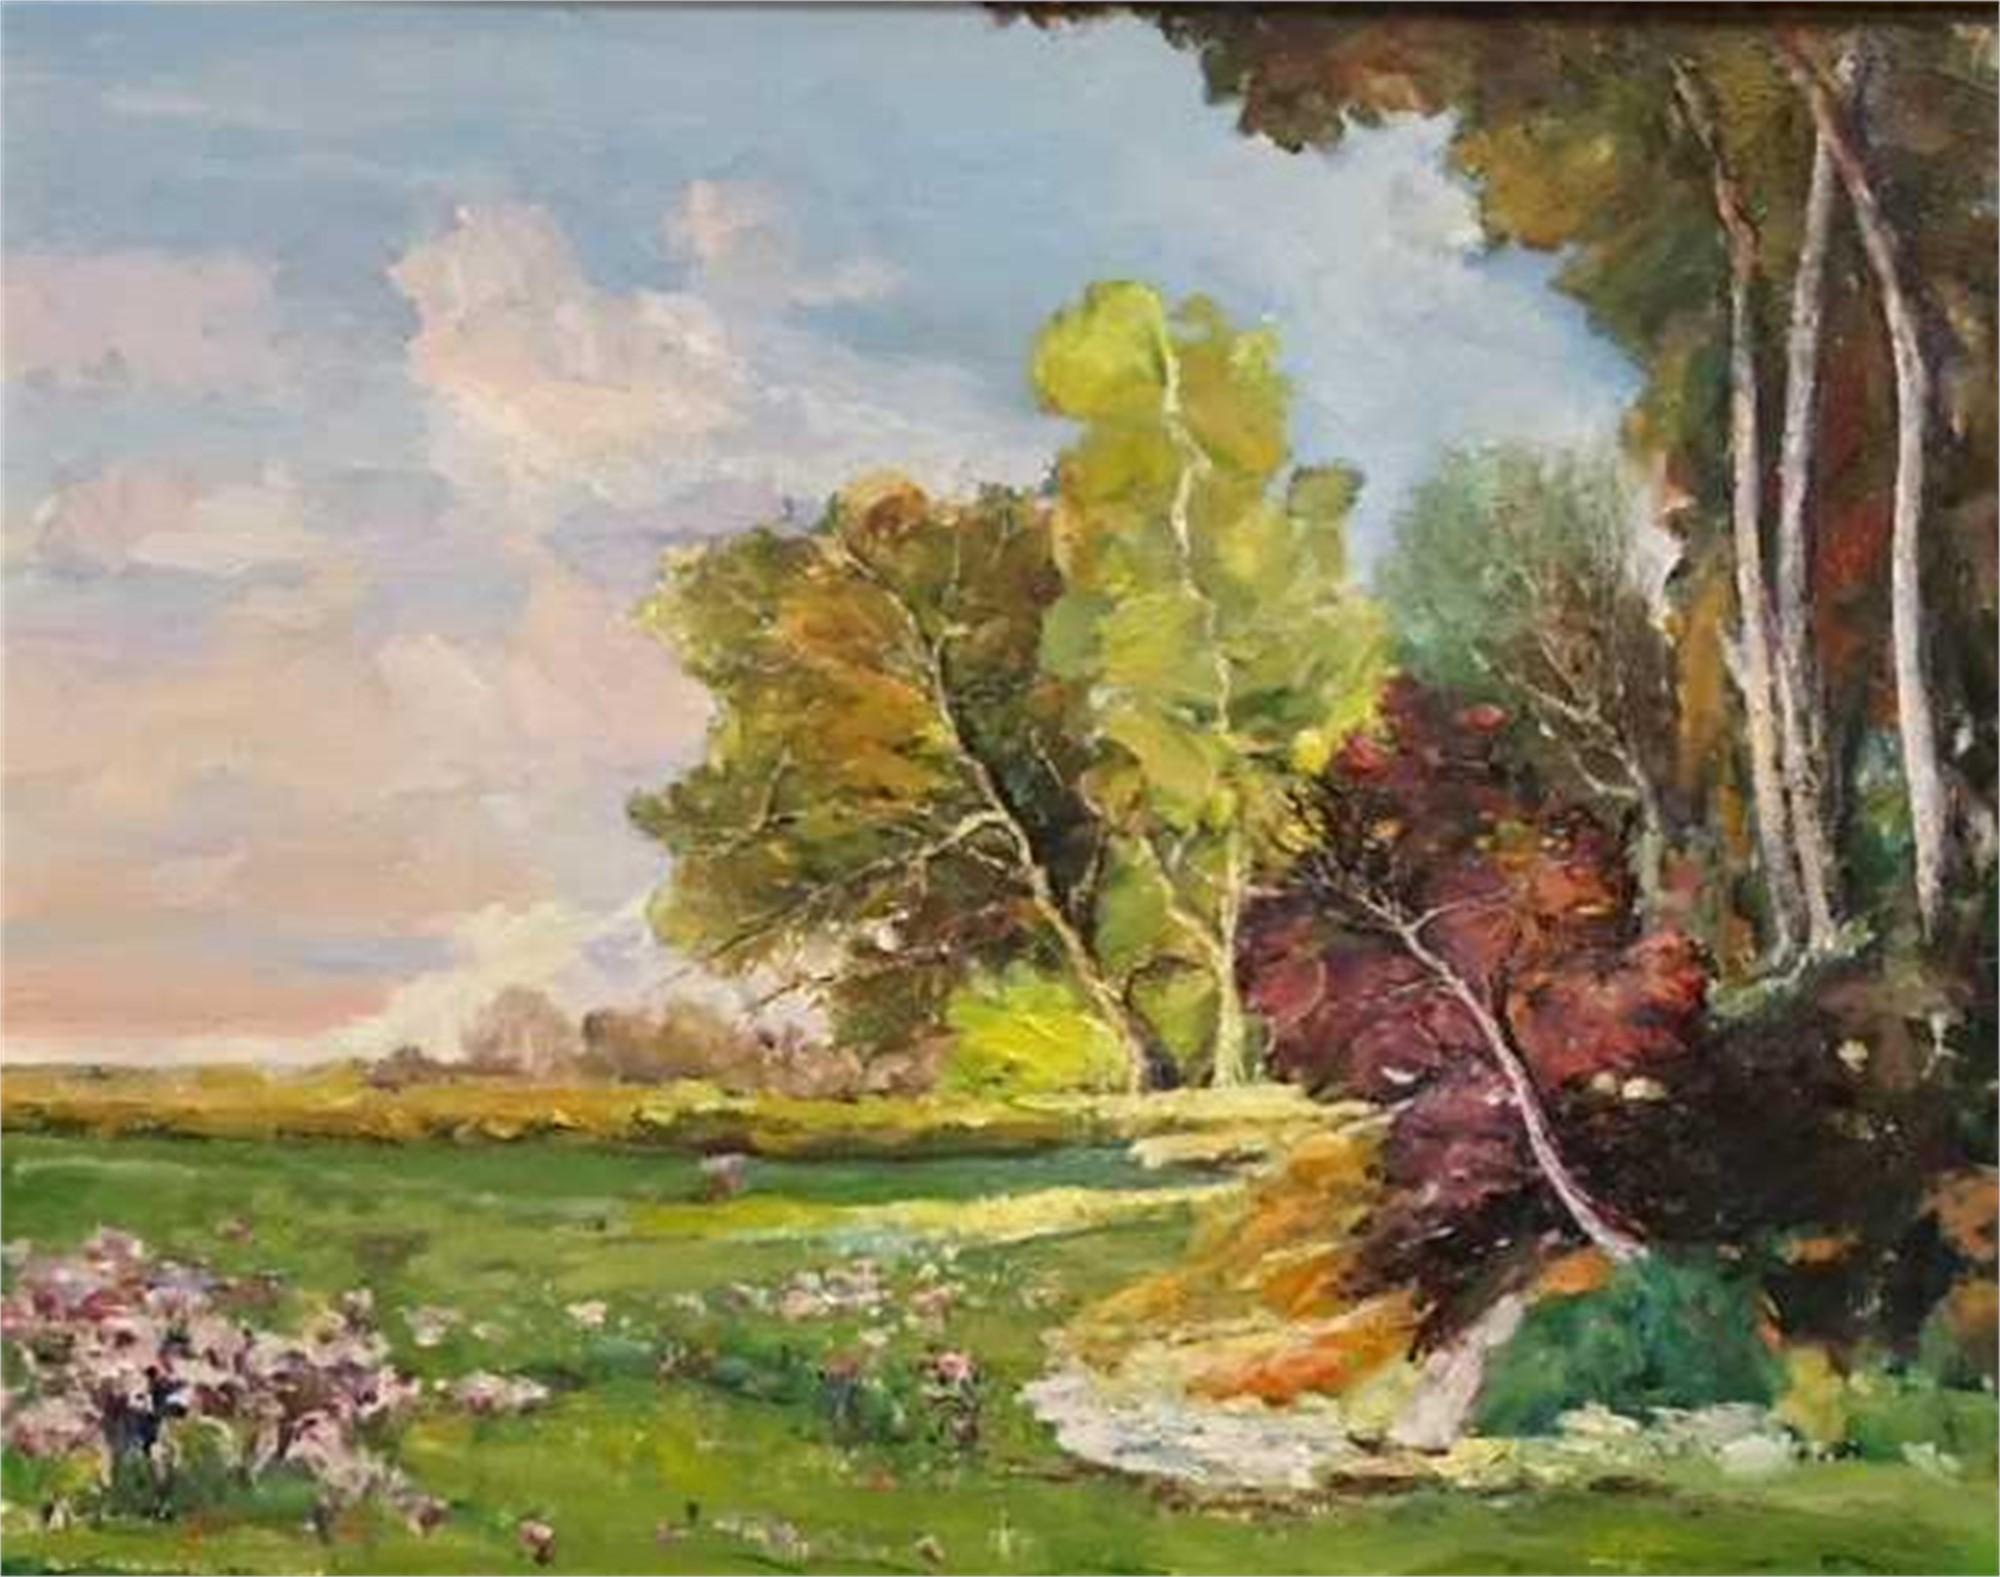 Gentle Breeze by Yuan Rong Zhou